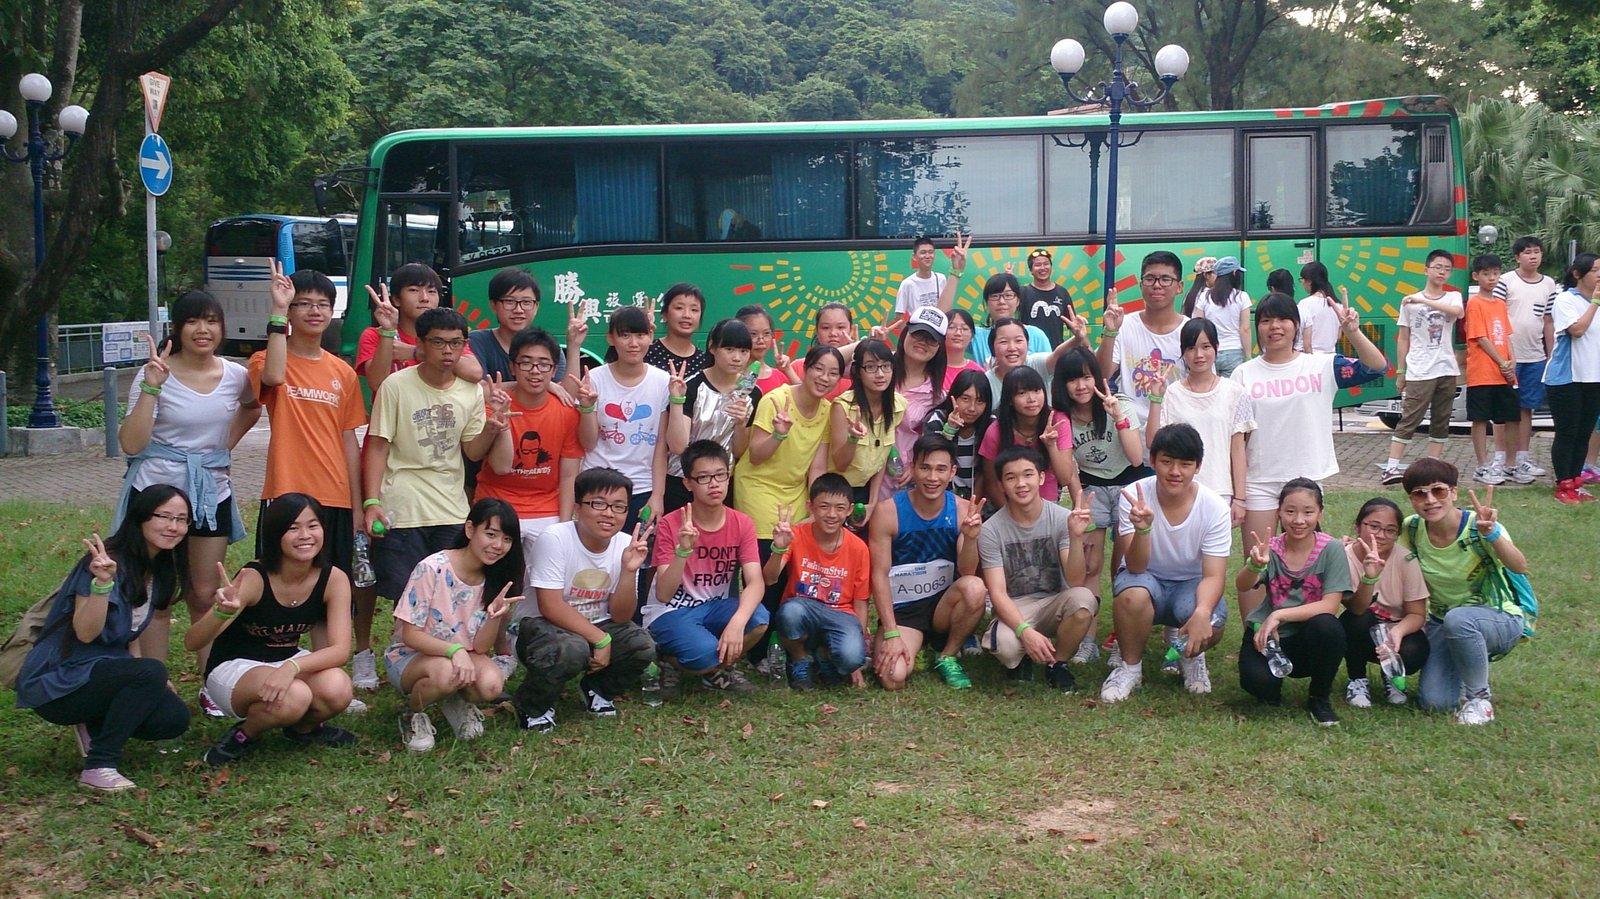 20140706-香港青少年發展聯會_青年音樂節之青蔥自由行_與藝人王梓軒拍攝主題曲MV